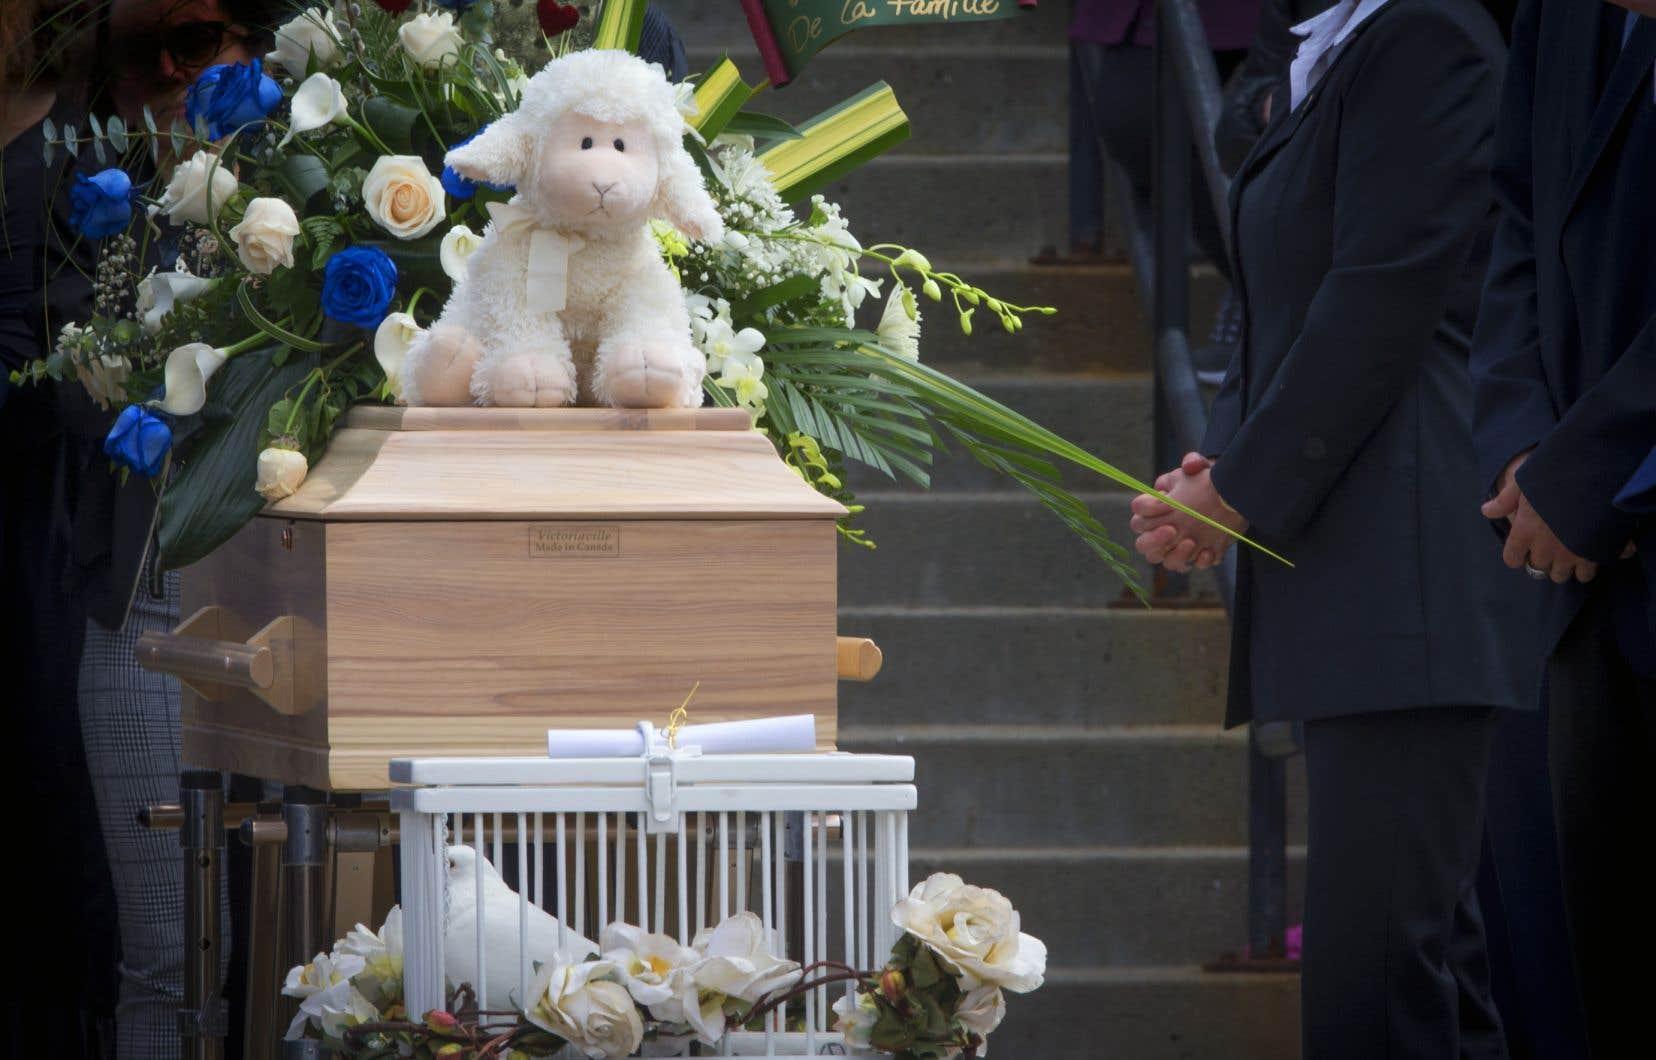 La petite fille est morte à l'hôpital peu de temps après la première comparution du couple devant le tribunal, le lendemain du jour où elle a été retrouvée, mal en point, le 30avril, dans la résidence familiale.